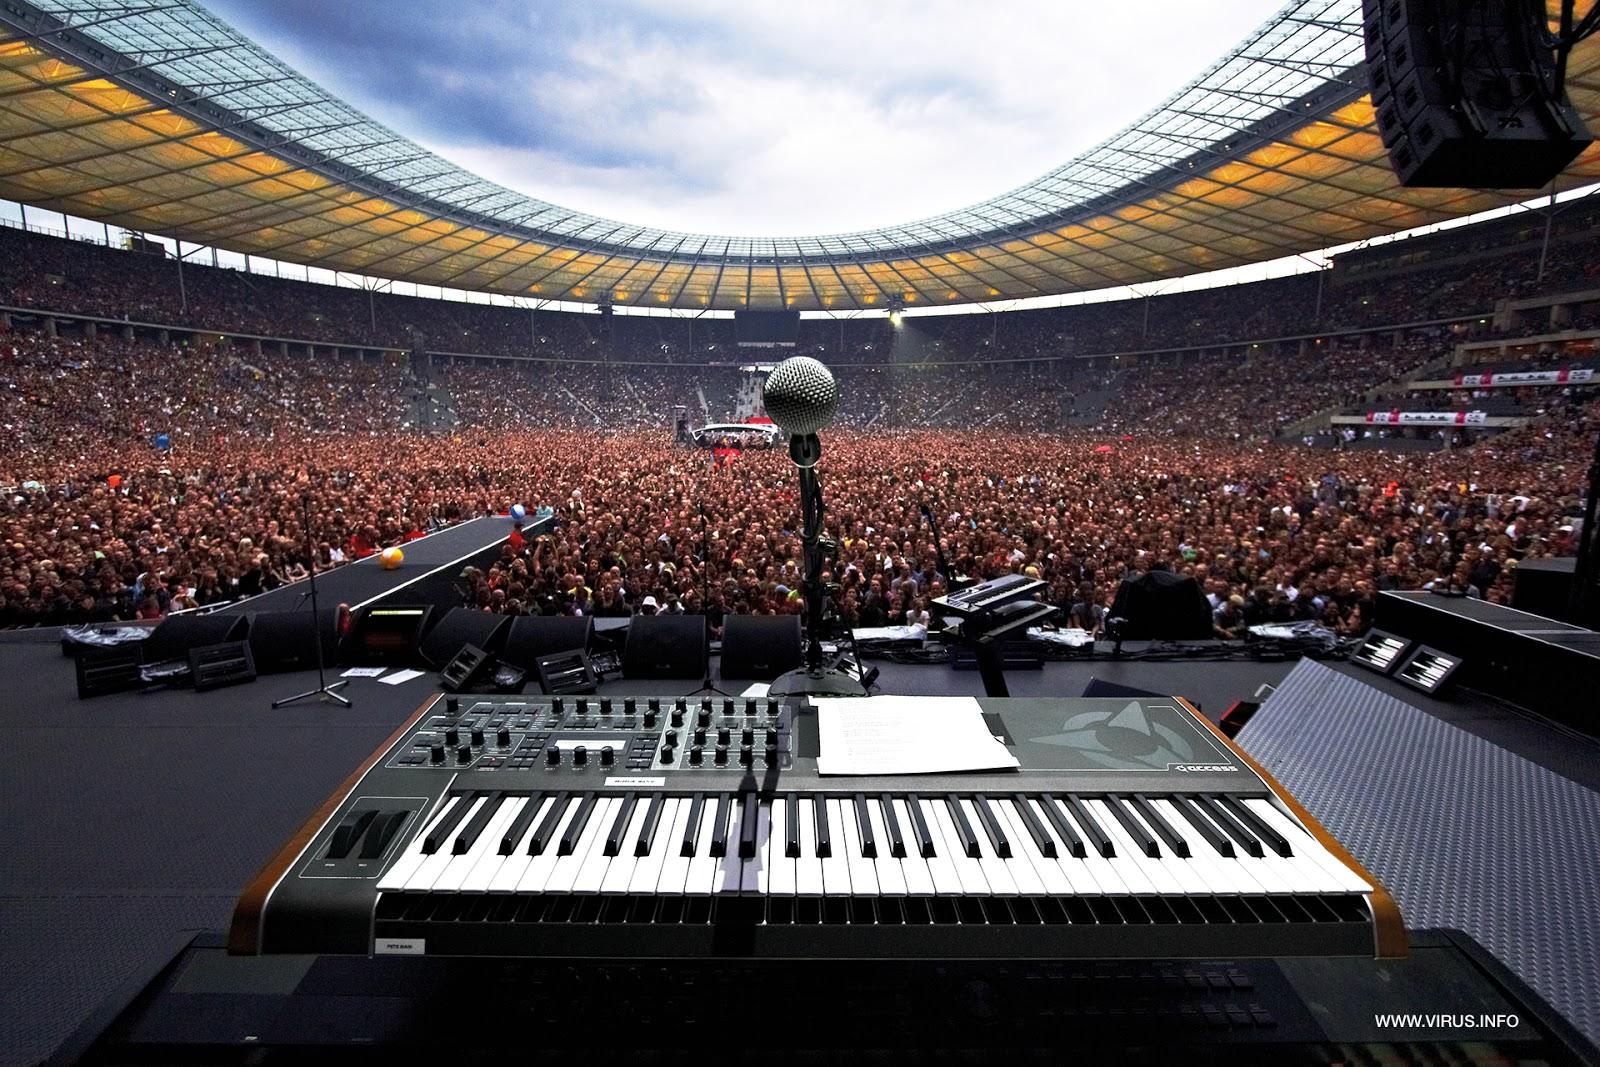 Depeche Mode - Live In Dusseldorf 2010